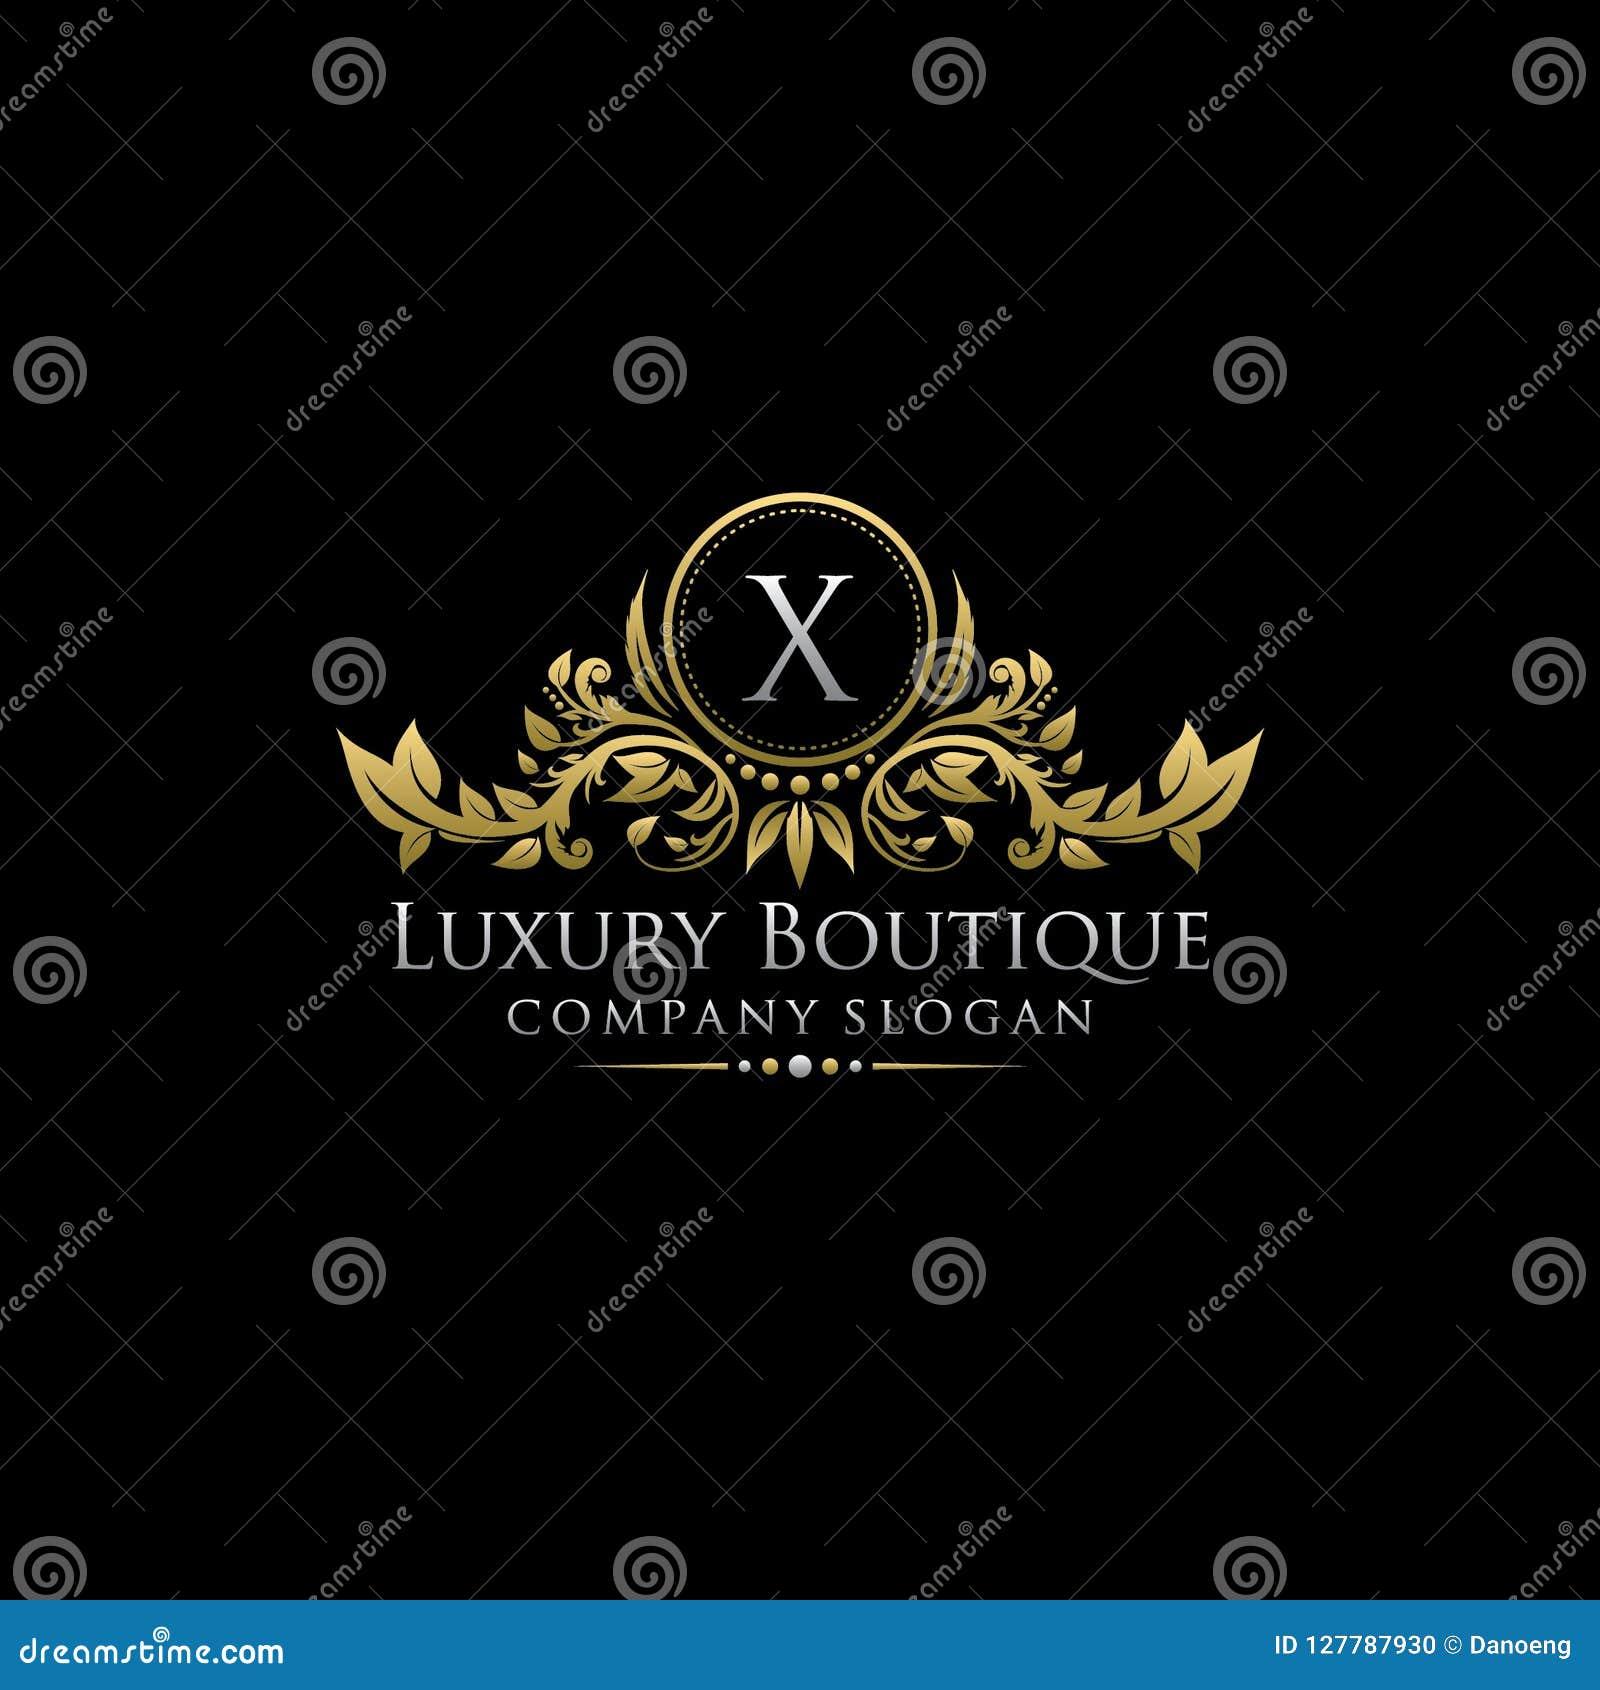 Χρυσή βασιλική μπουτίκ Χ πολυτέλειας λογότυπο επιστολών